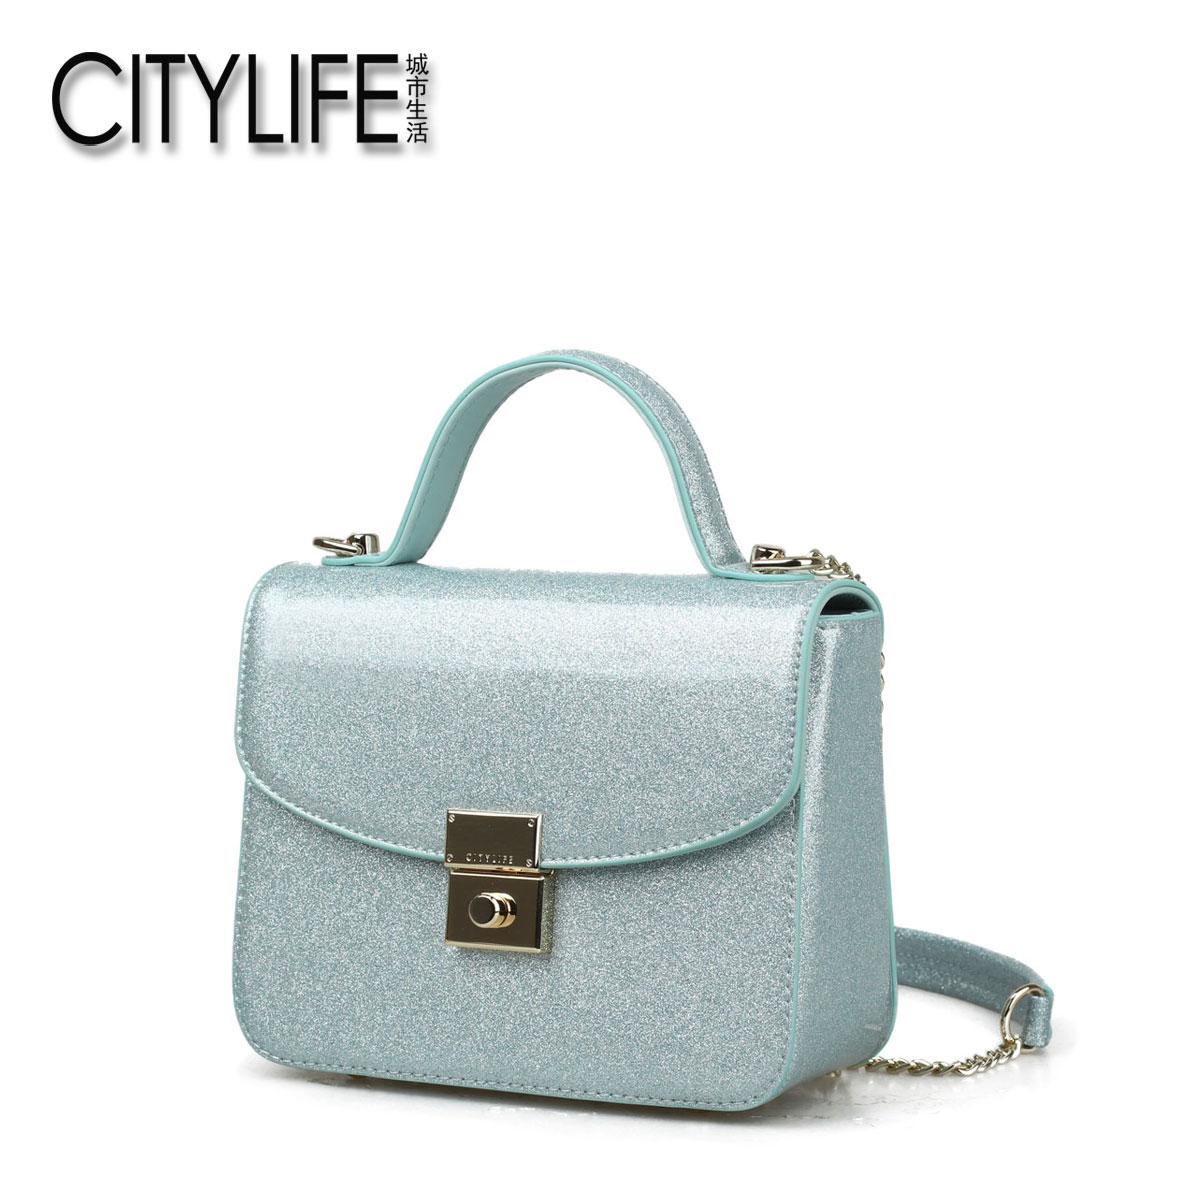 城市生活CITYLIFE女包新款�n版手提包亮面斜挎小包包